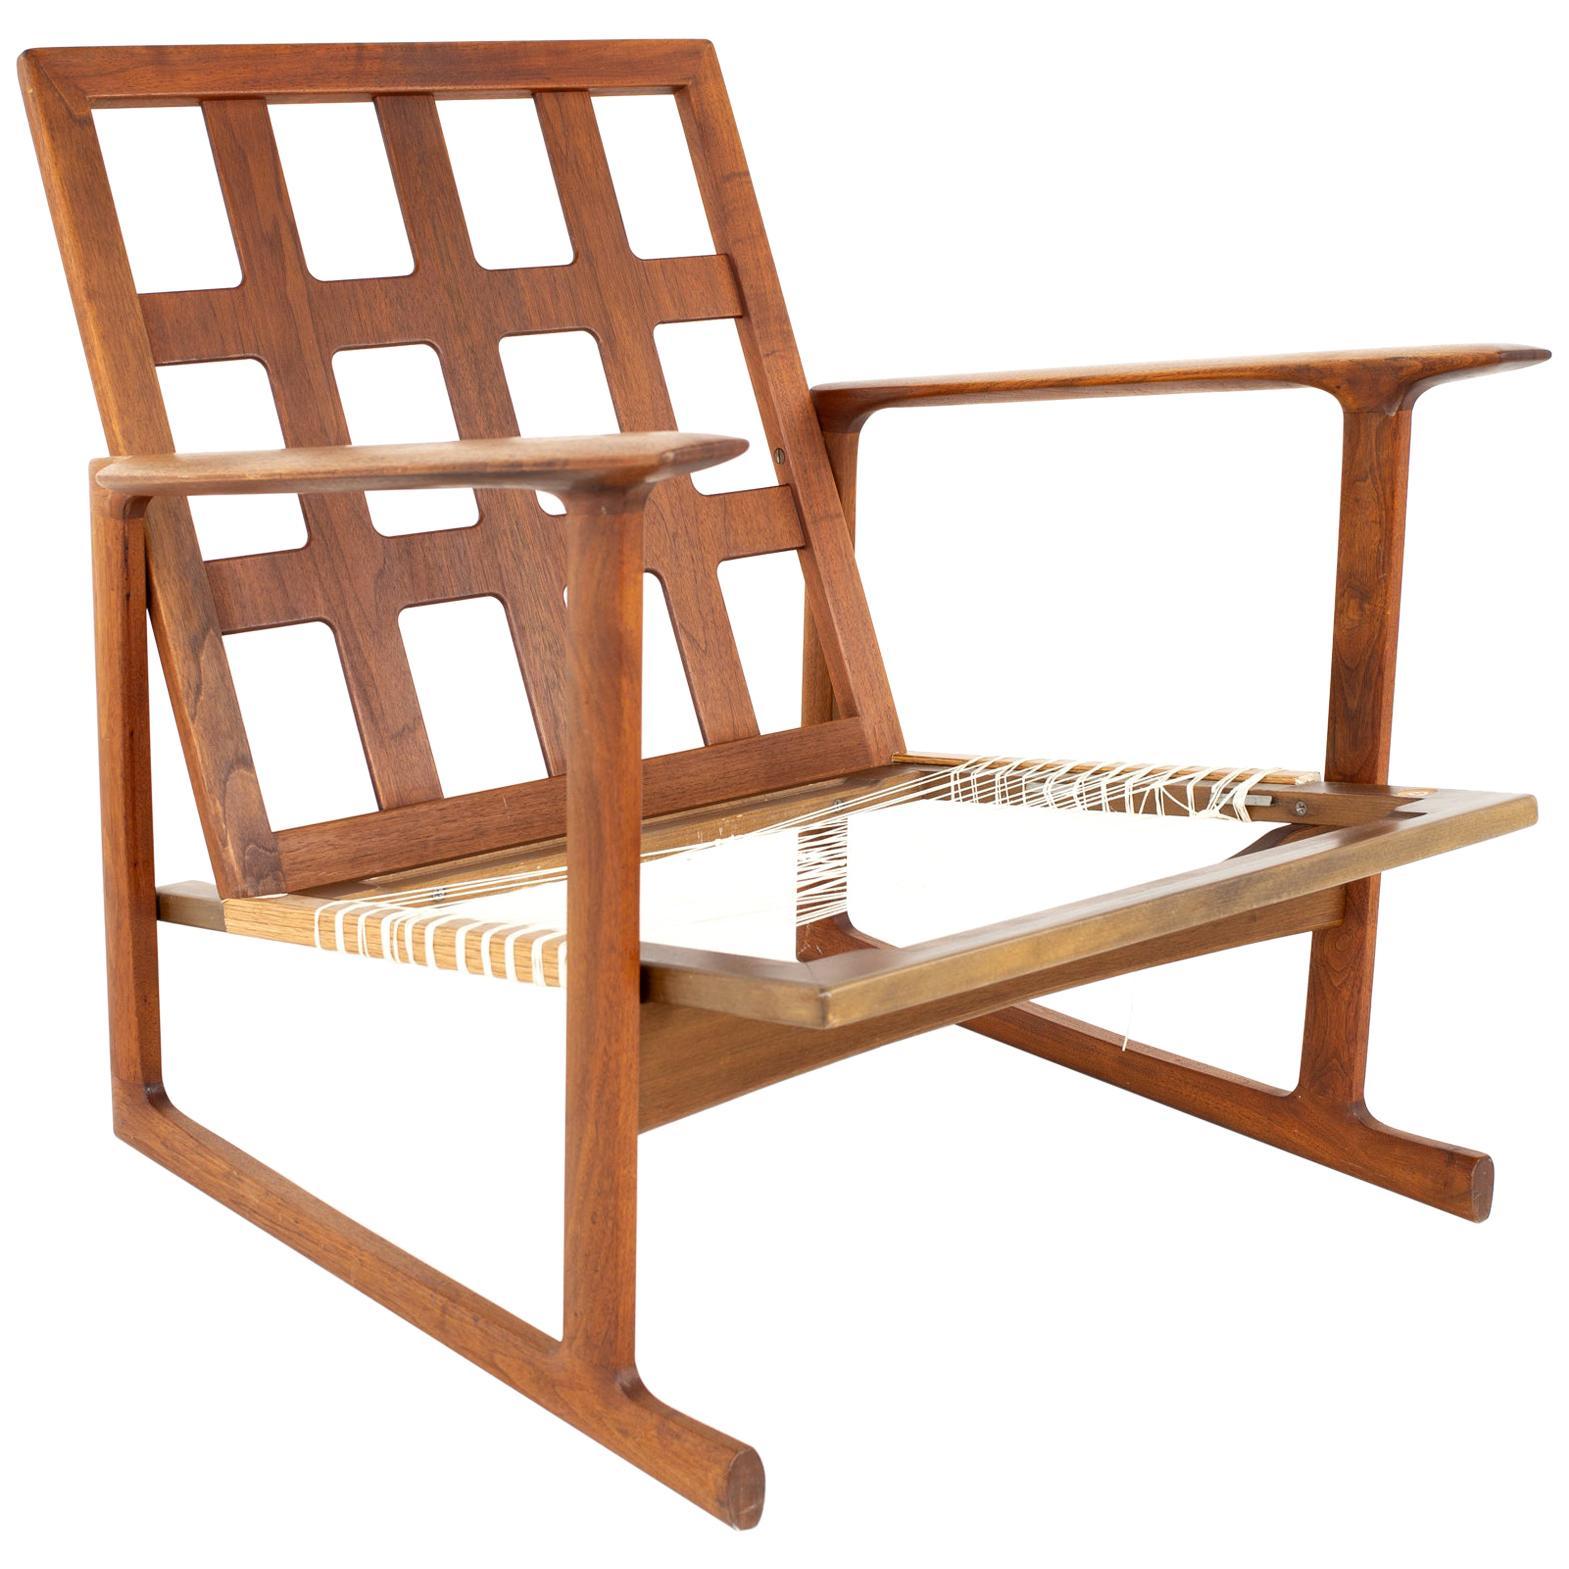 lb Kofod Larsen for Selig Mid Century Lattice Back Teak Sleigh Leg Lounge Chair